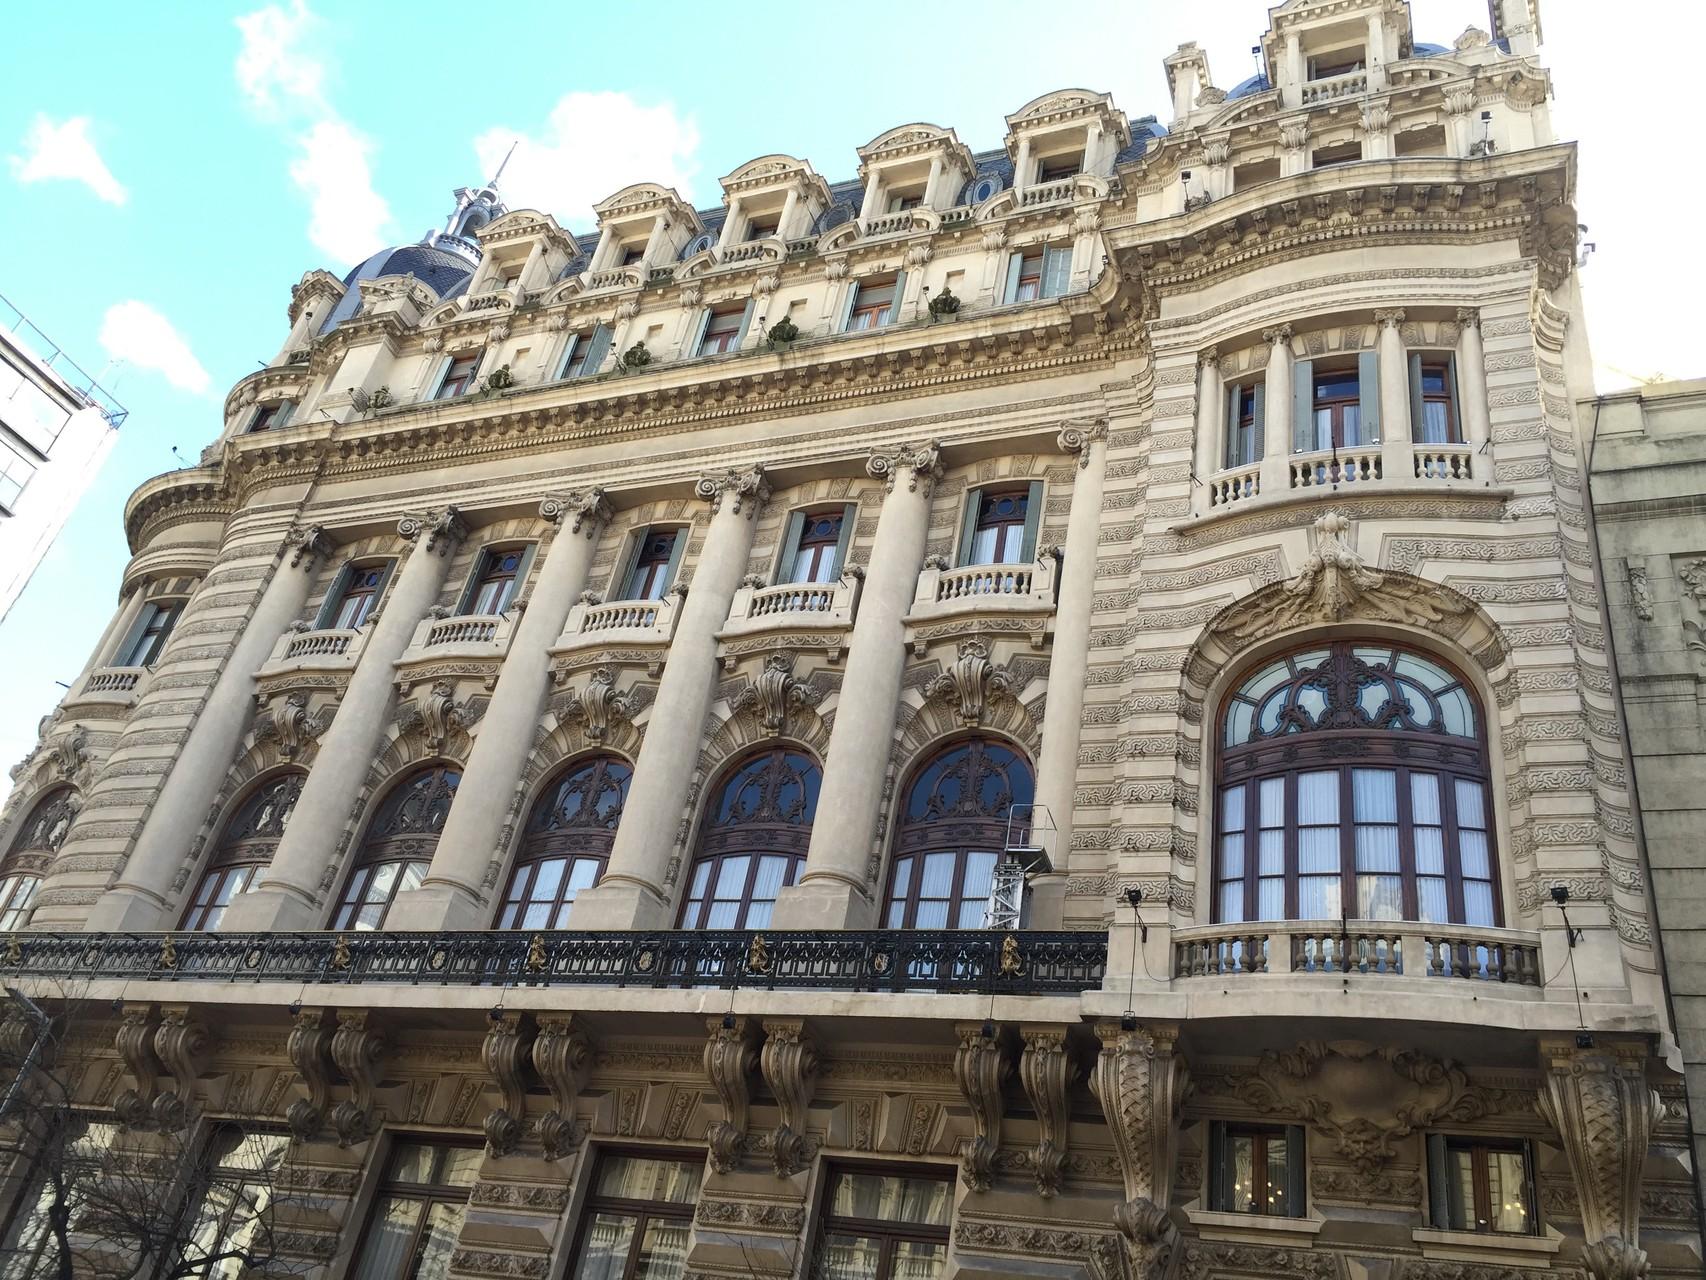 Spaziergang durch die Altstadt mit wunderschönen Gebäuden